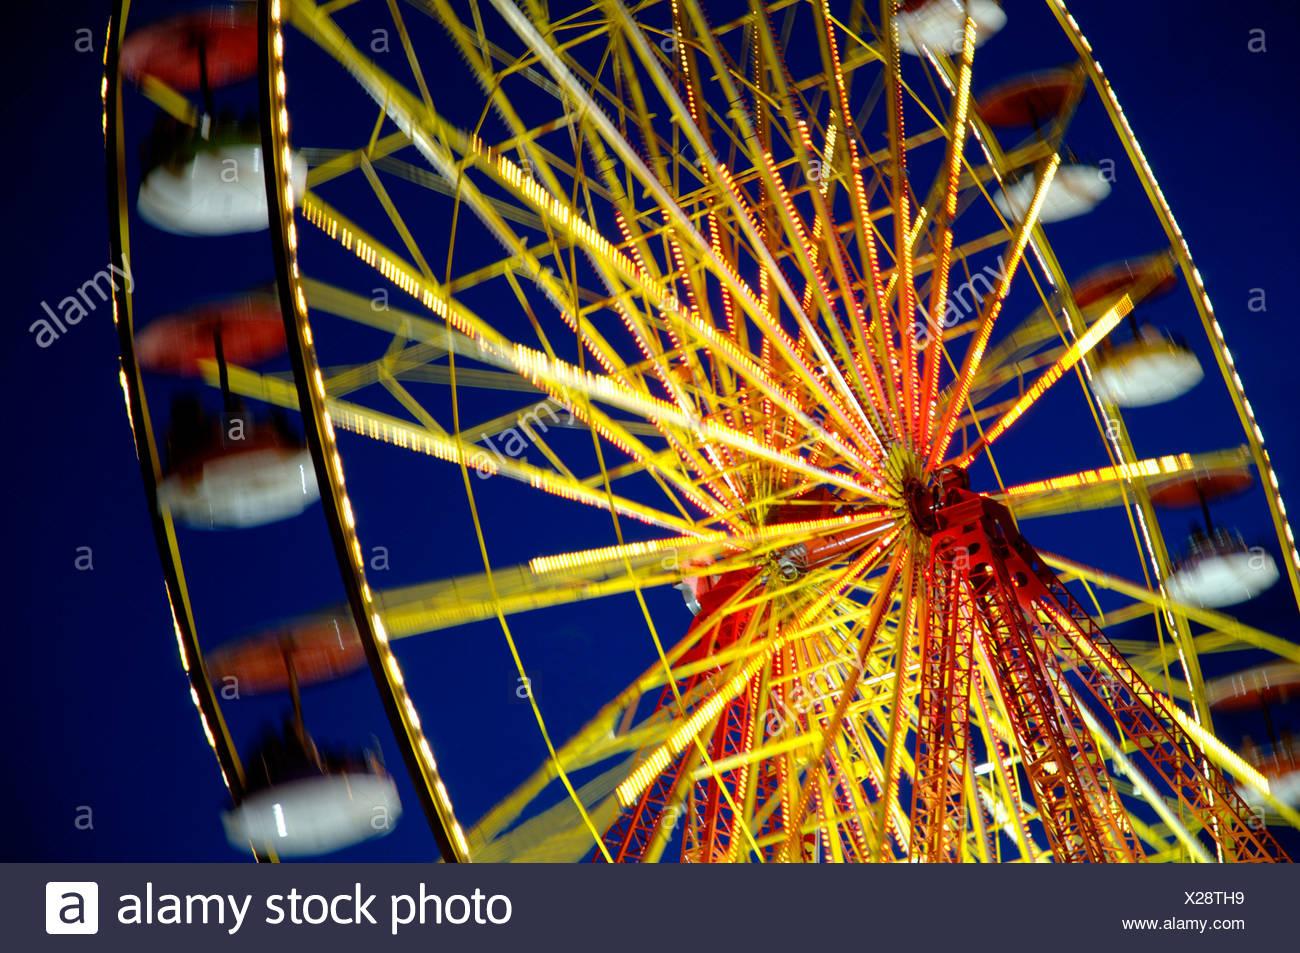 Amusement Parks Stock Photo